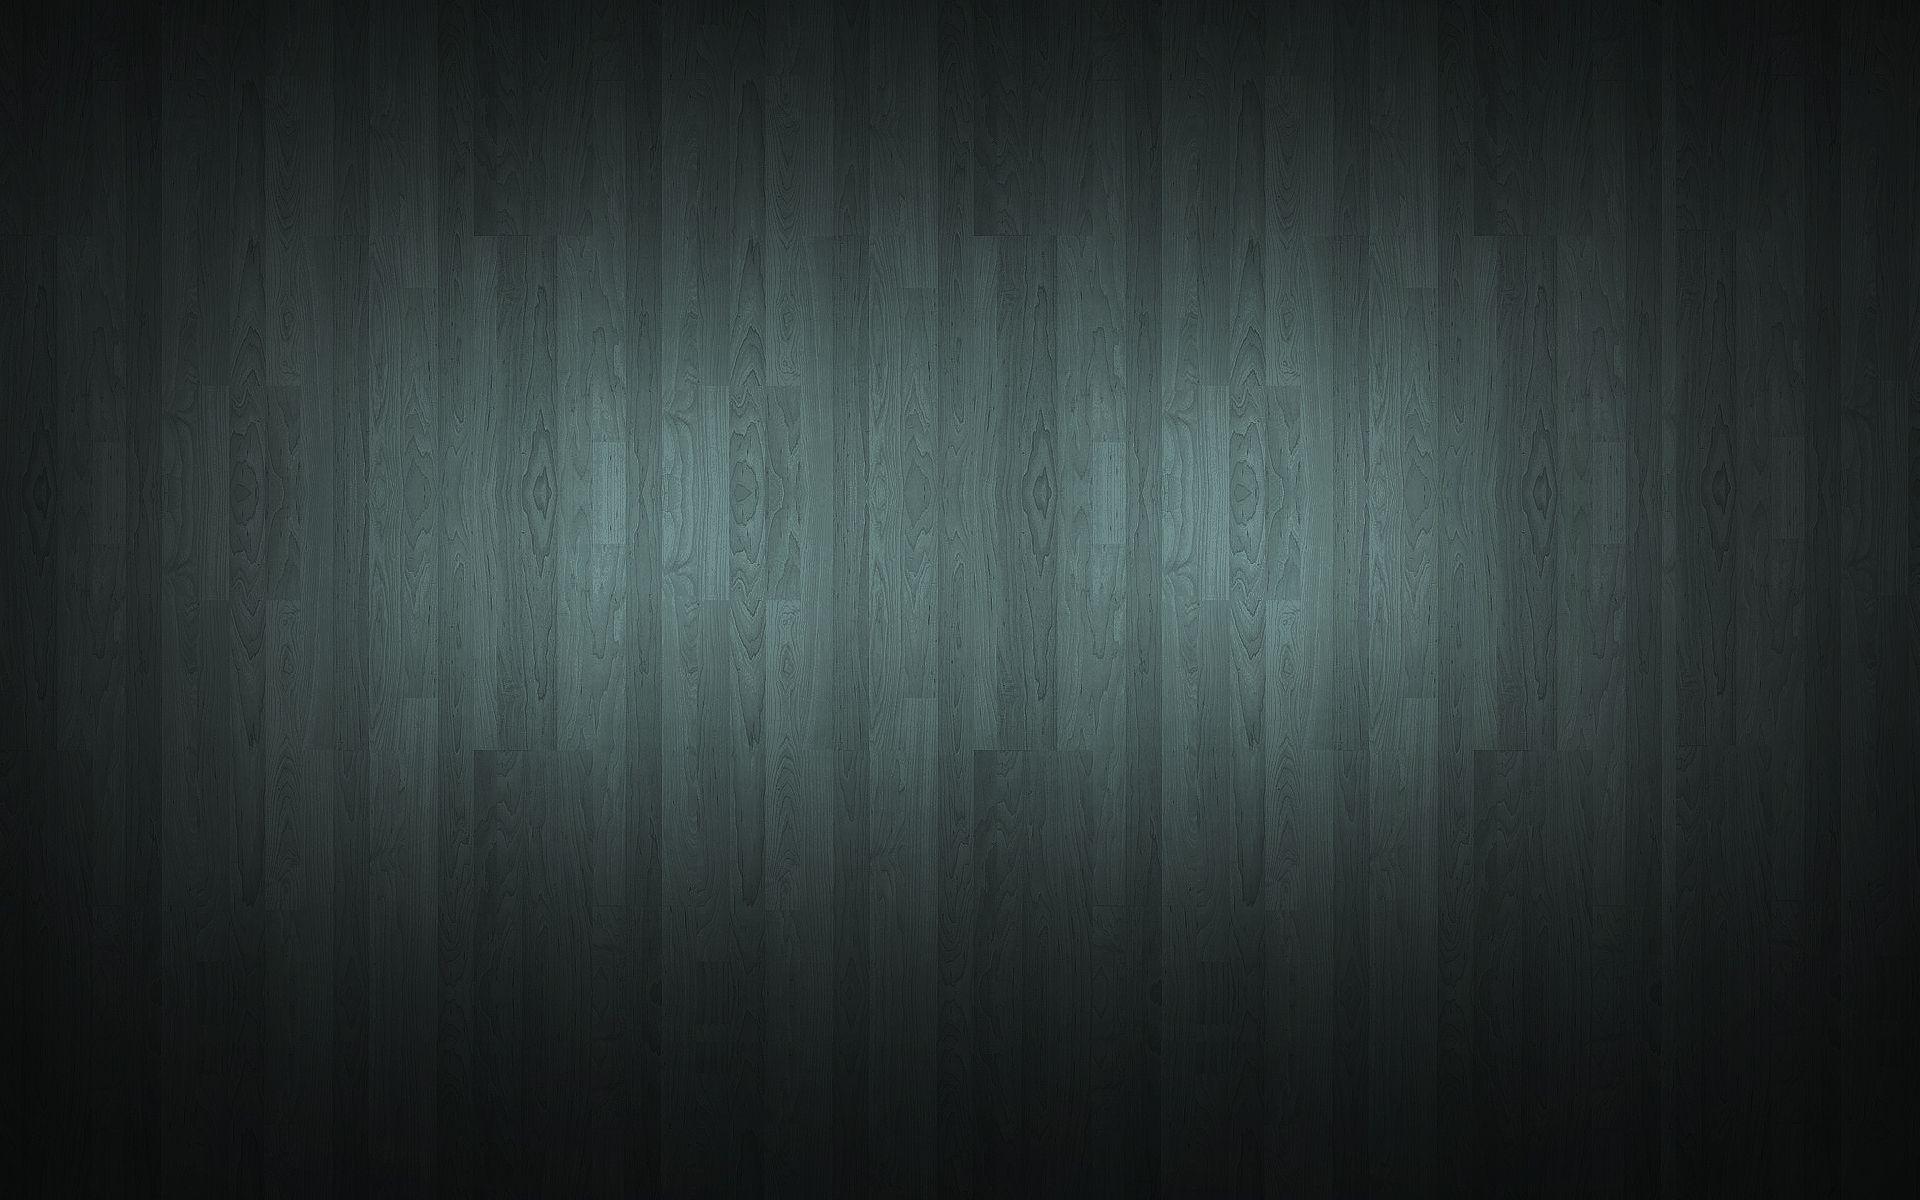 Charming Midnight Black Strand Bamboo Dark Wood Floor As Great Ideas For  Master Bedroom Flooring Installations